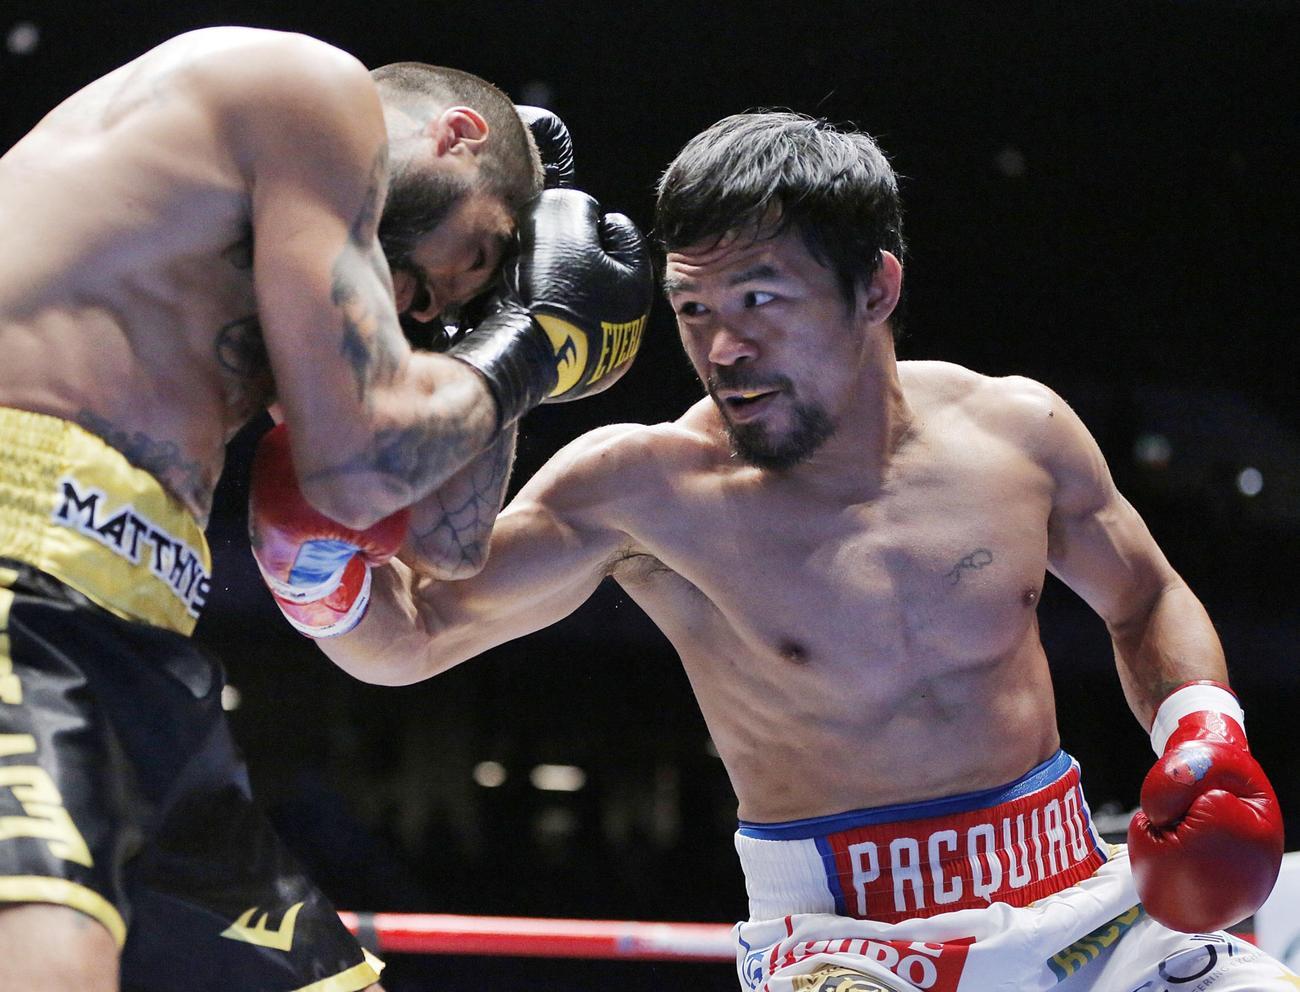 パッキャオ39歳復活KO60勝10個目世界ベルト - ボクシング : 日刊スポーツ